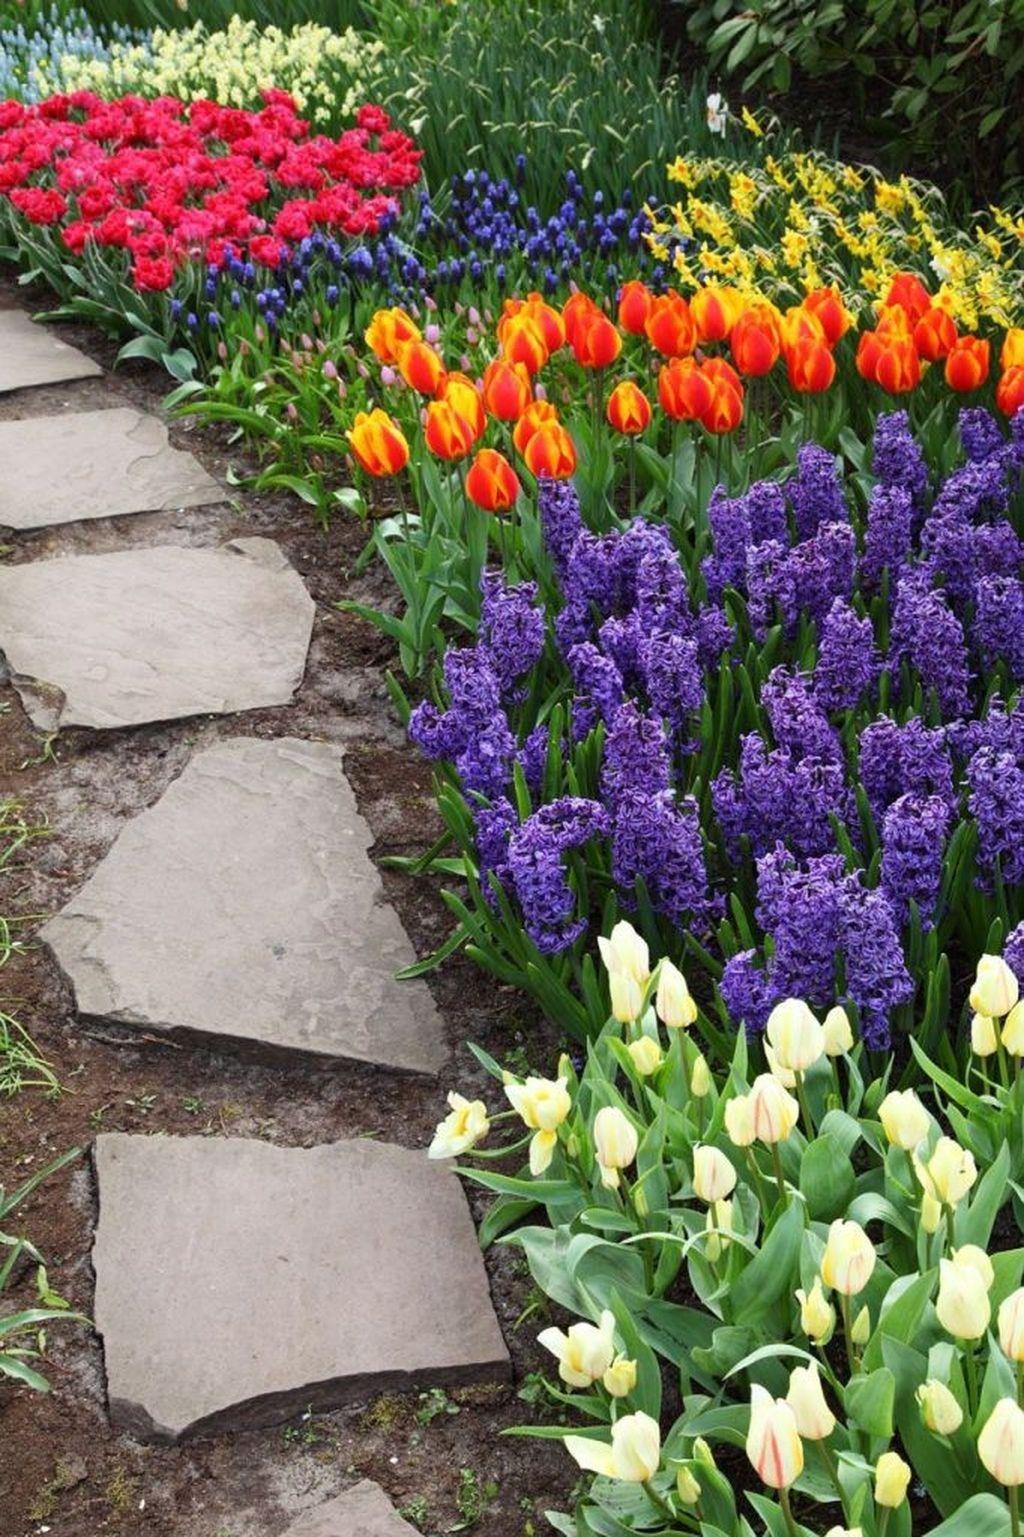 50 Genius Blumen Beets Ideen Fur Den Garten Diy Und Deko Garten Bepflanzen Garten Blumengarten